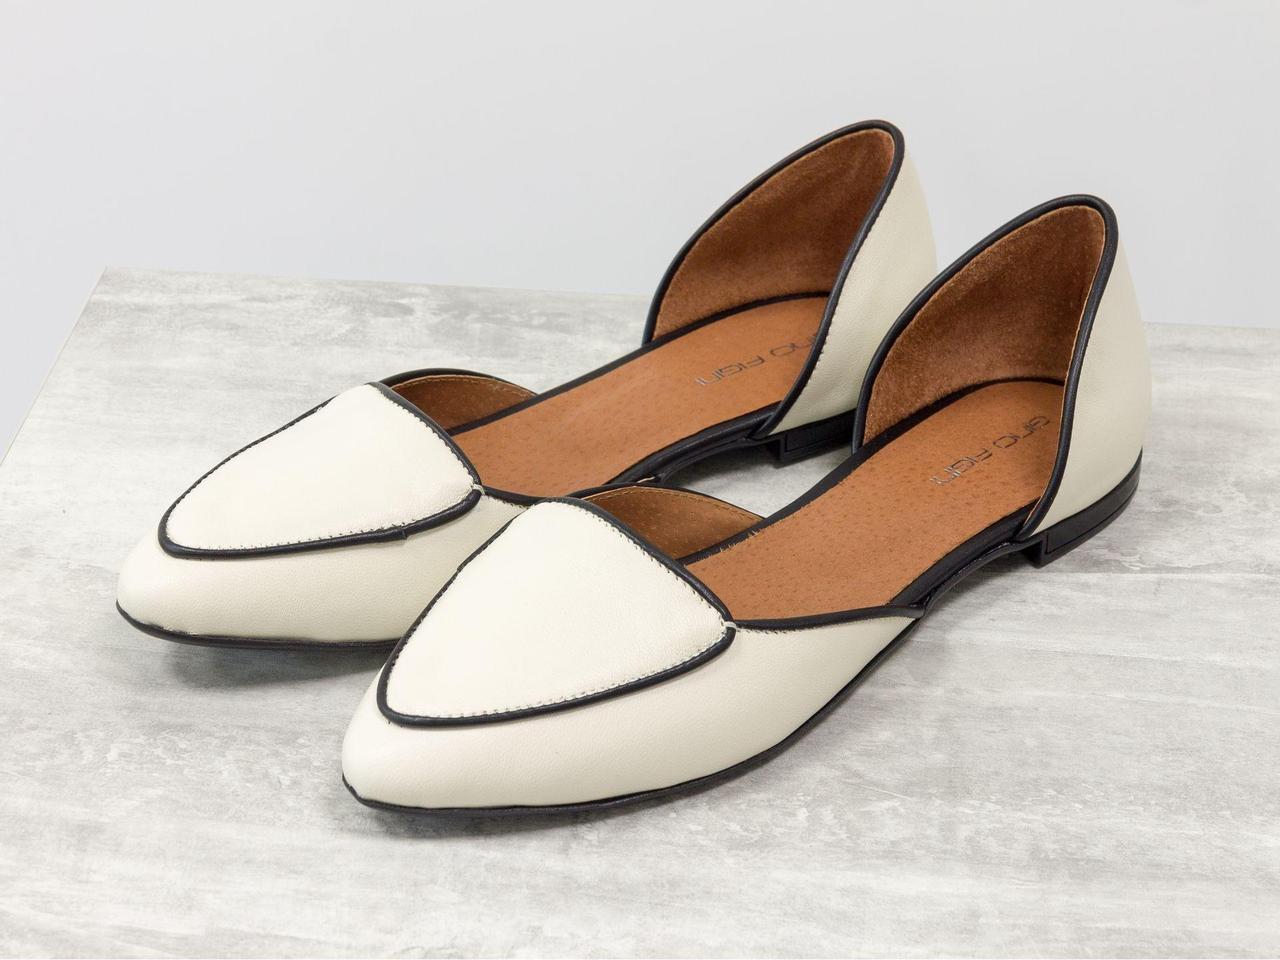 Облегченные туфли-лодочки с удлиненным носиком на низком ходу красивого сочетания черной и светло-бежевой кожи,  Д-24-16